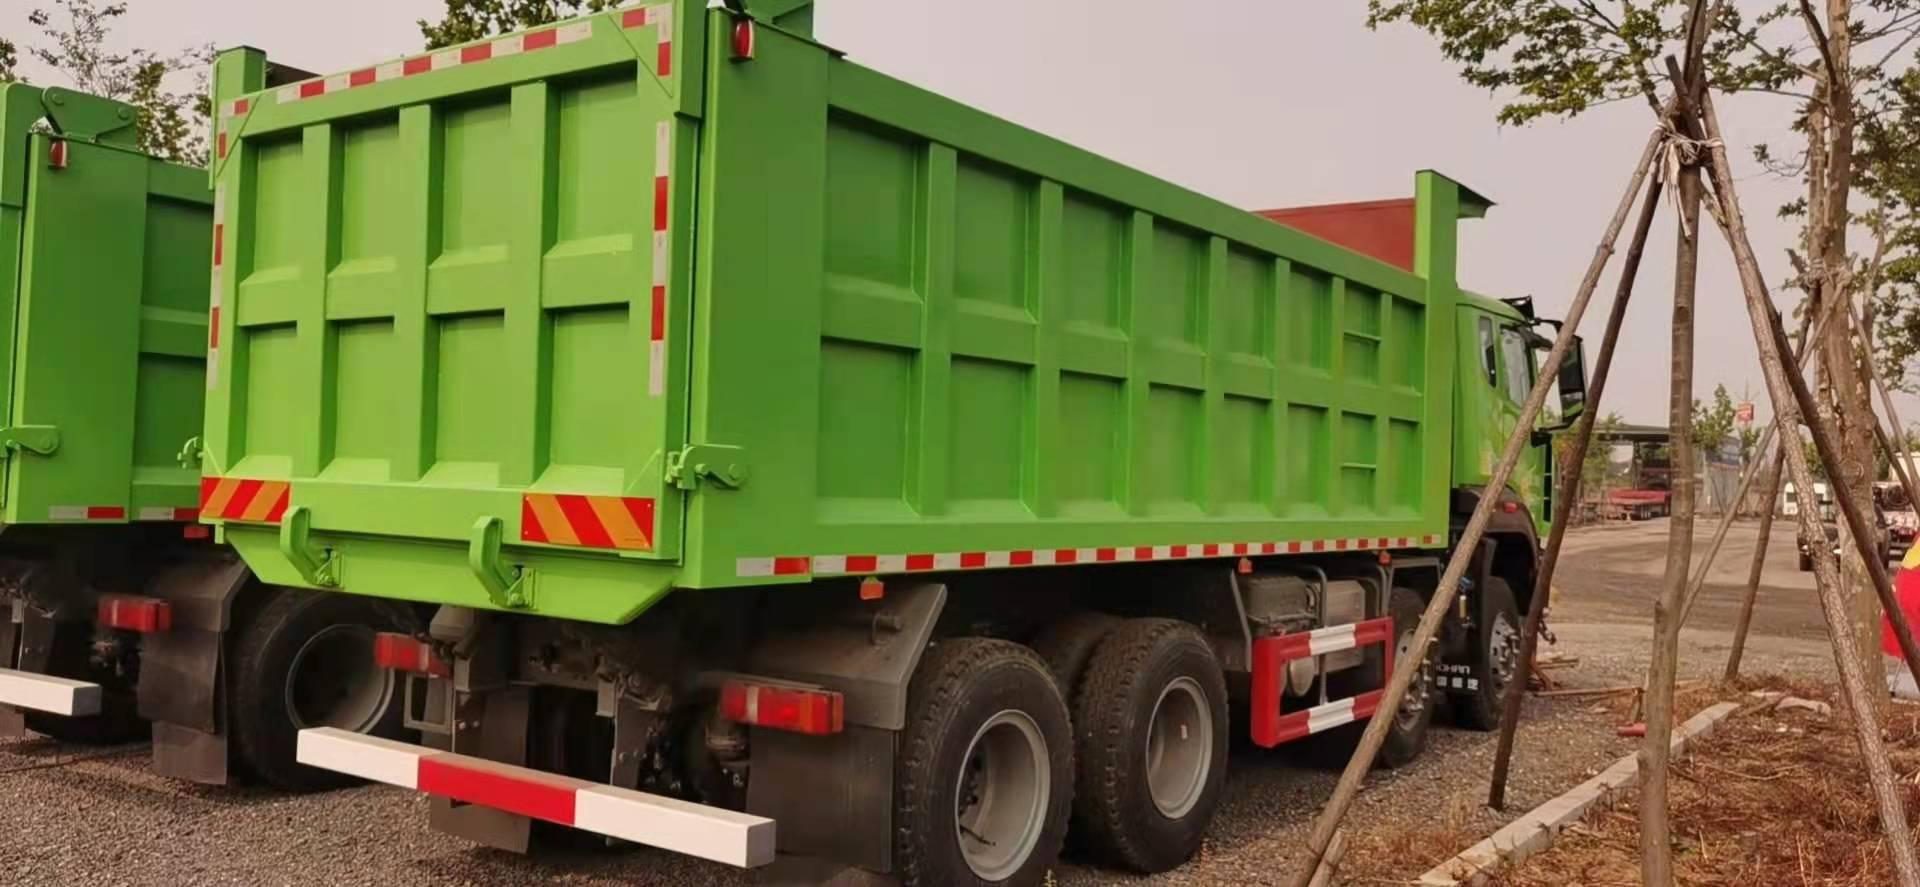 重汽豪瀚自卸车 6.2米法规版绿色国六排放